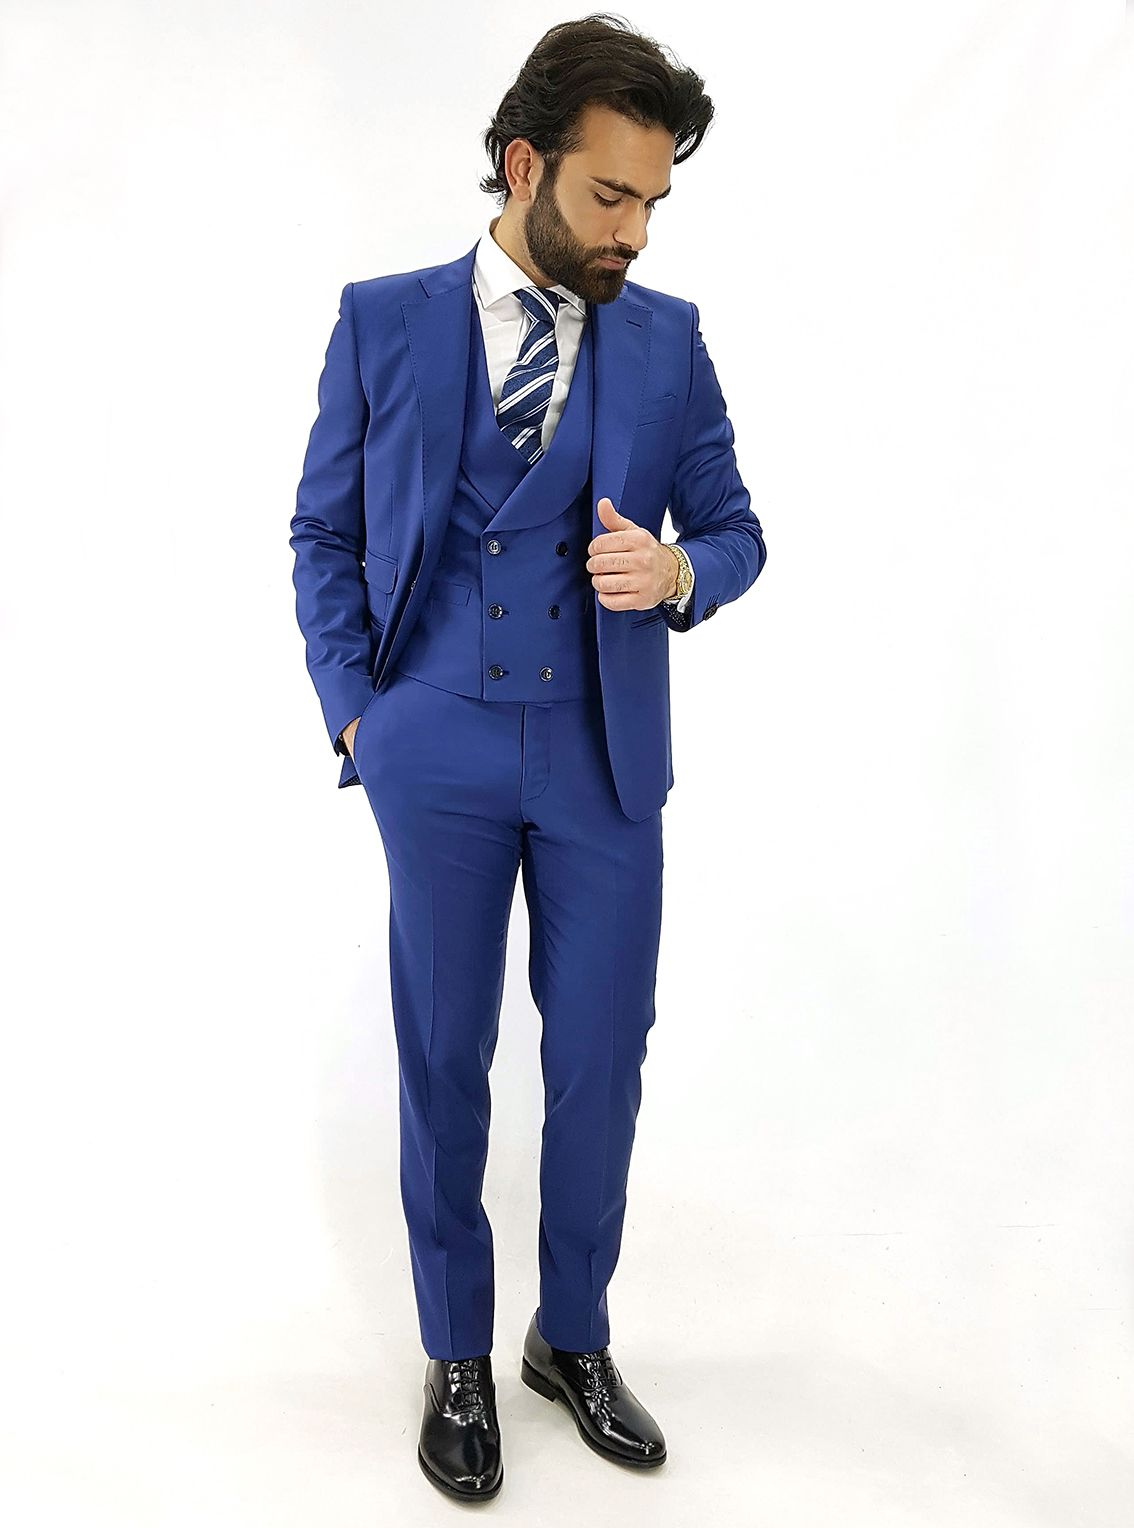 scarpe classiche negozi popolari vendita uk cravatta per